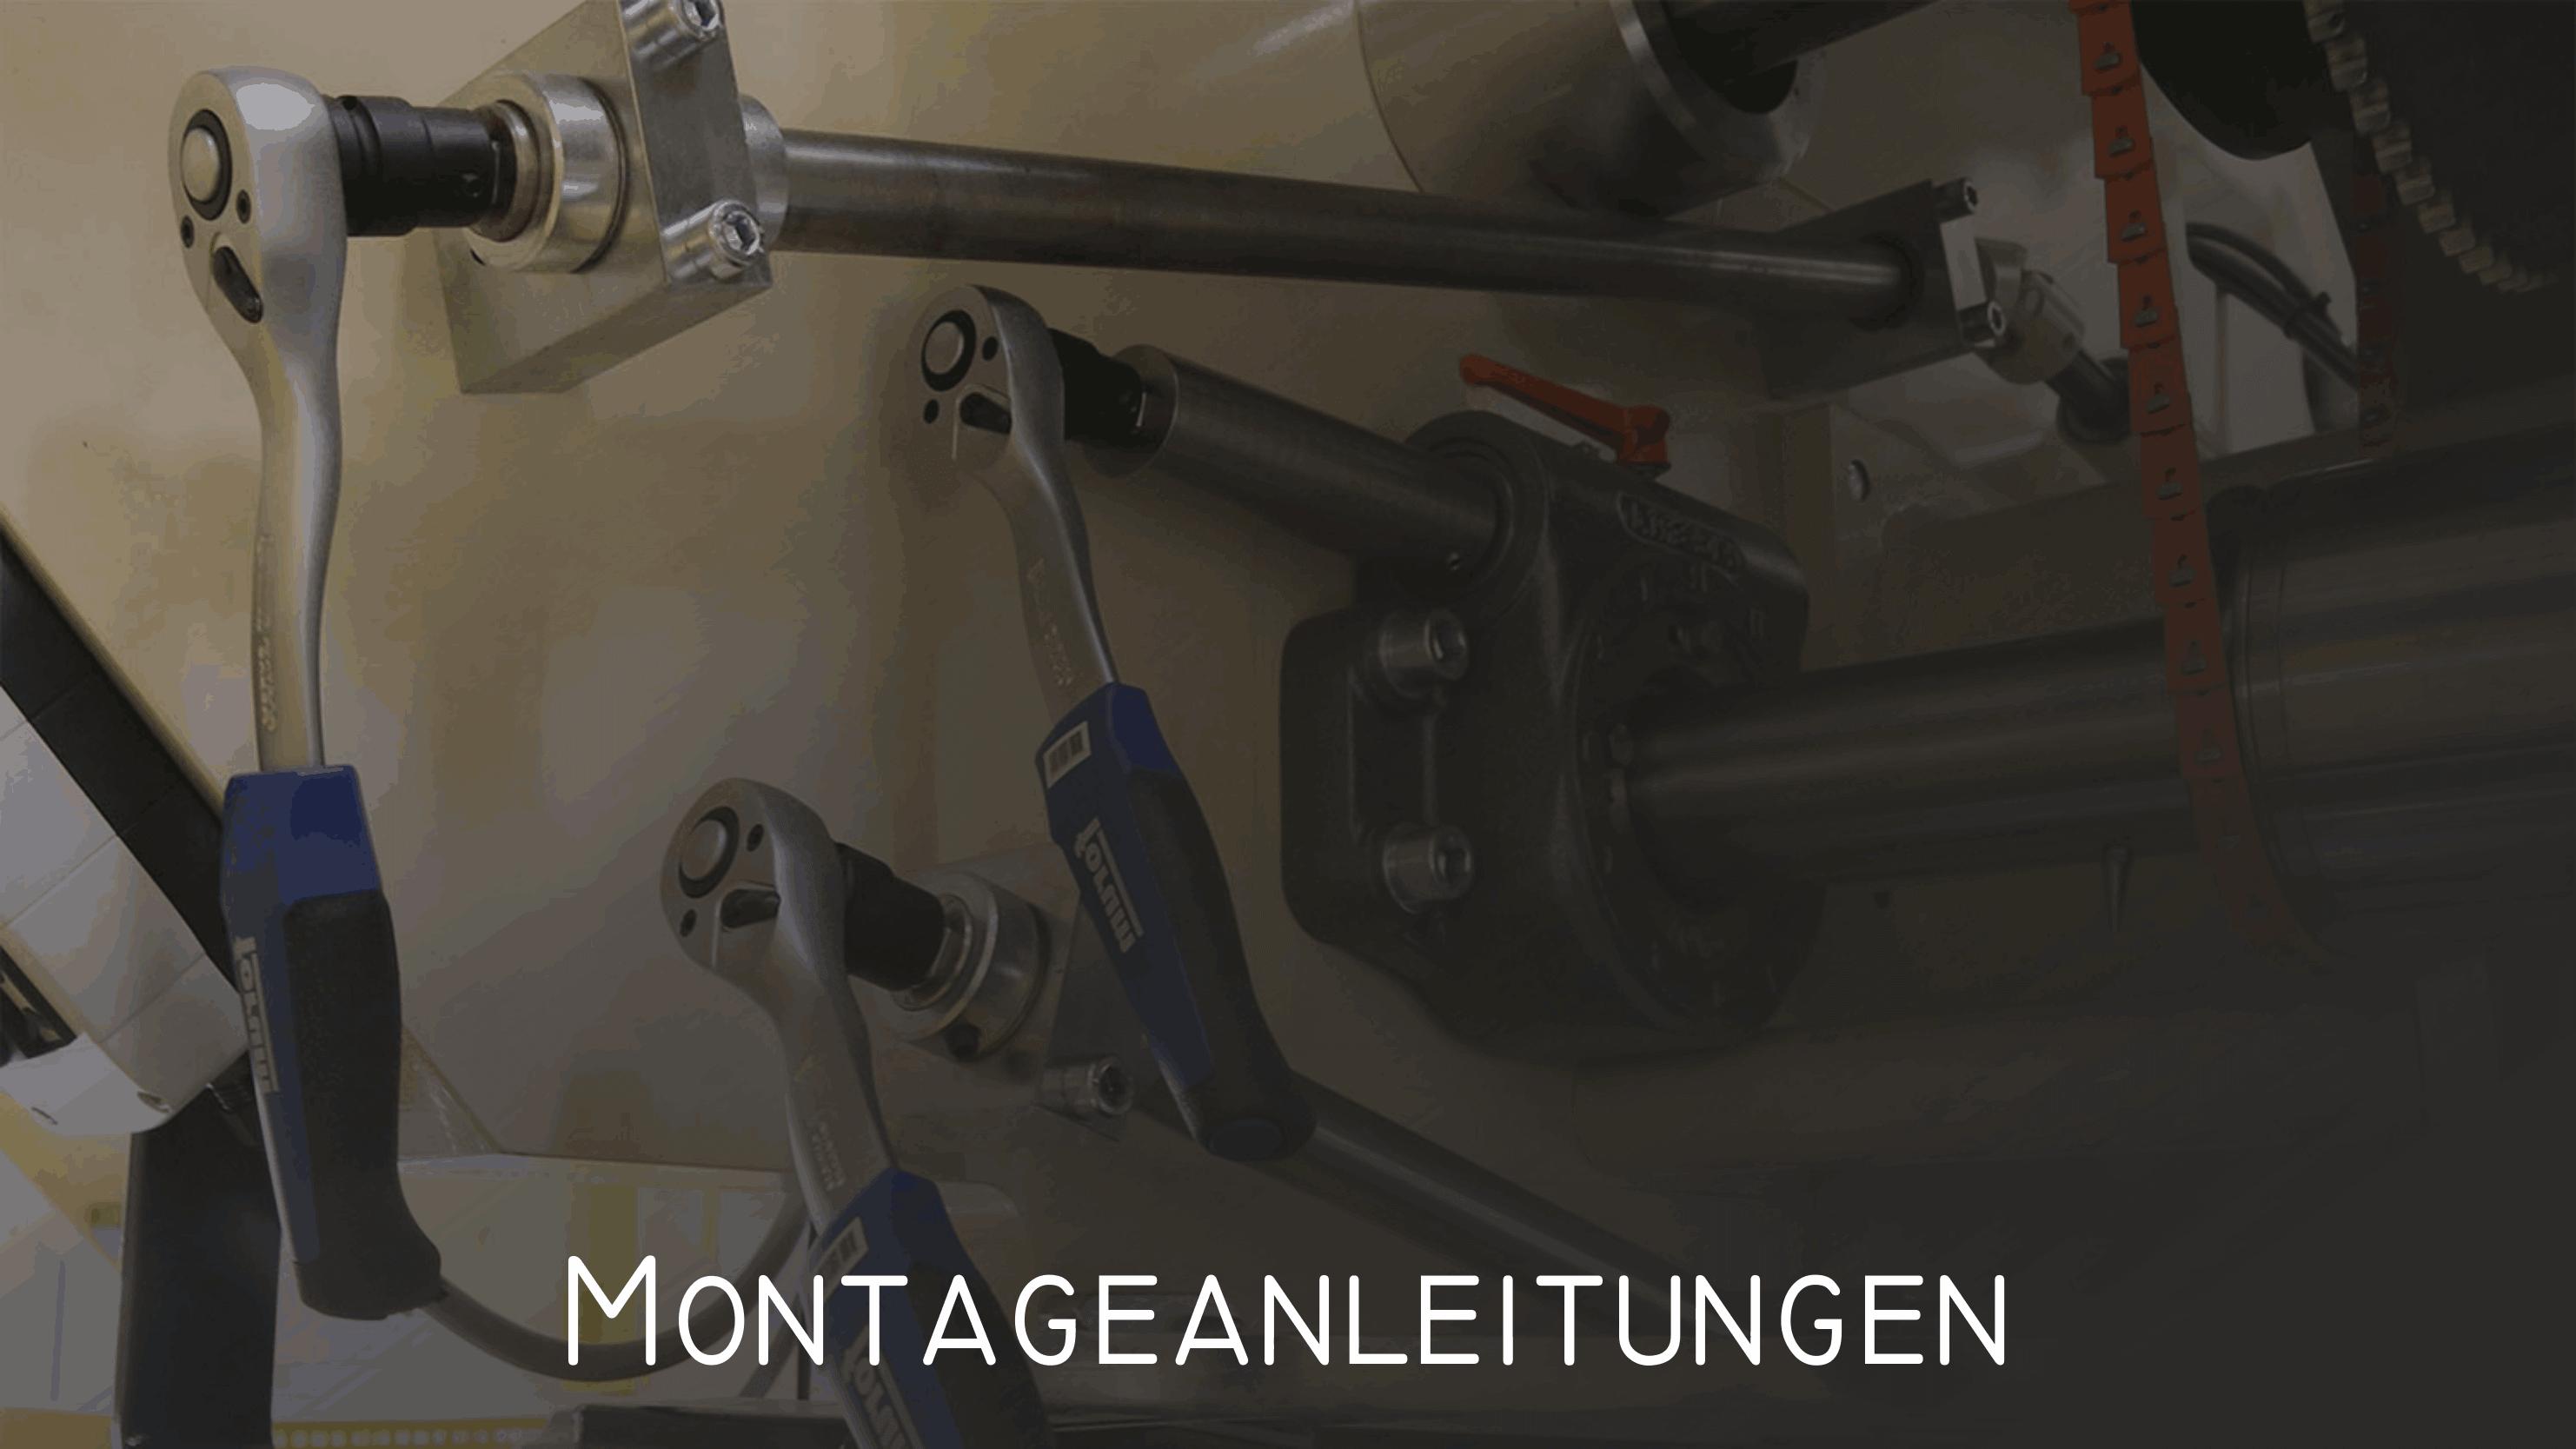 Montageanleitungen